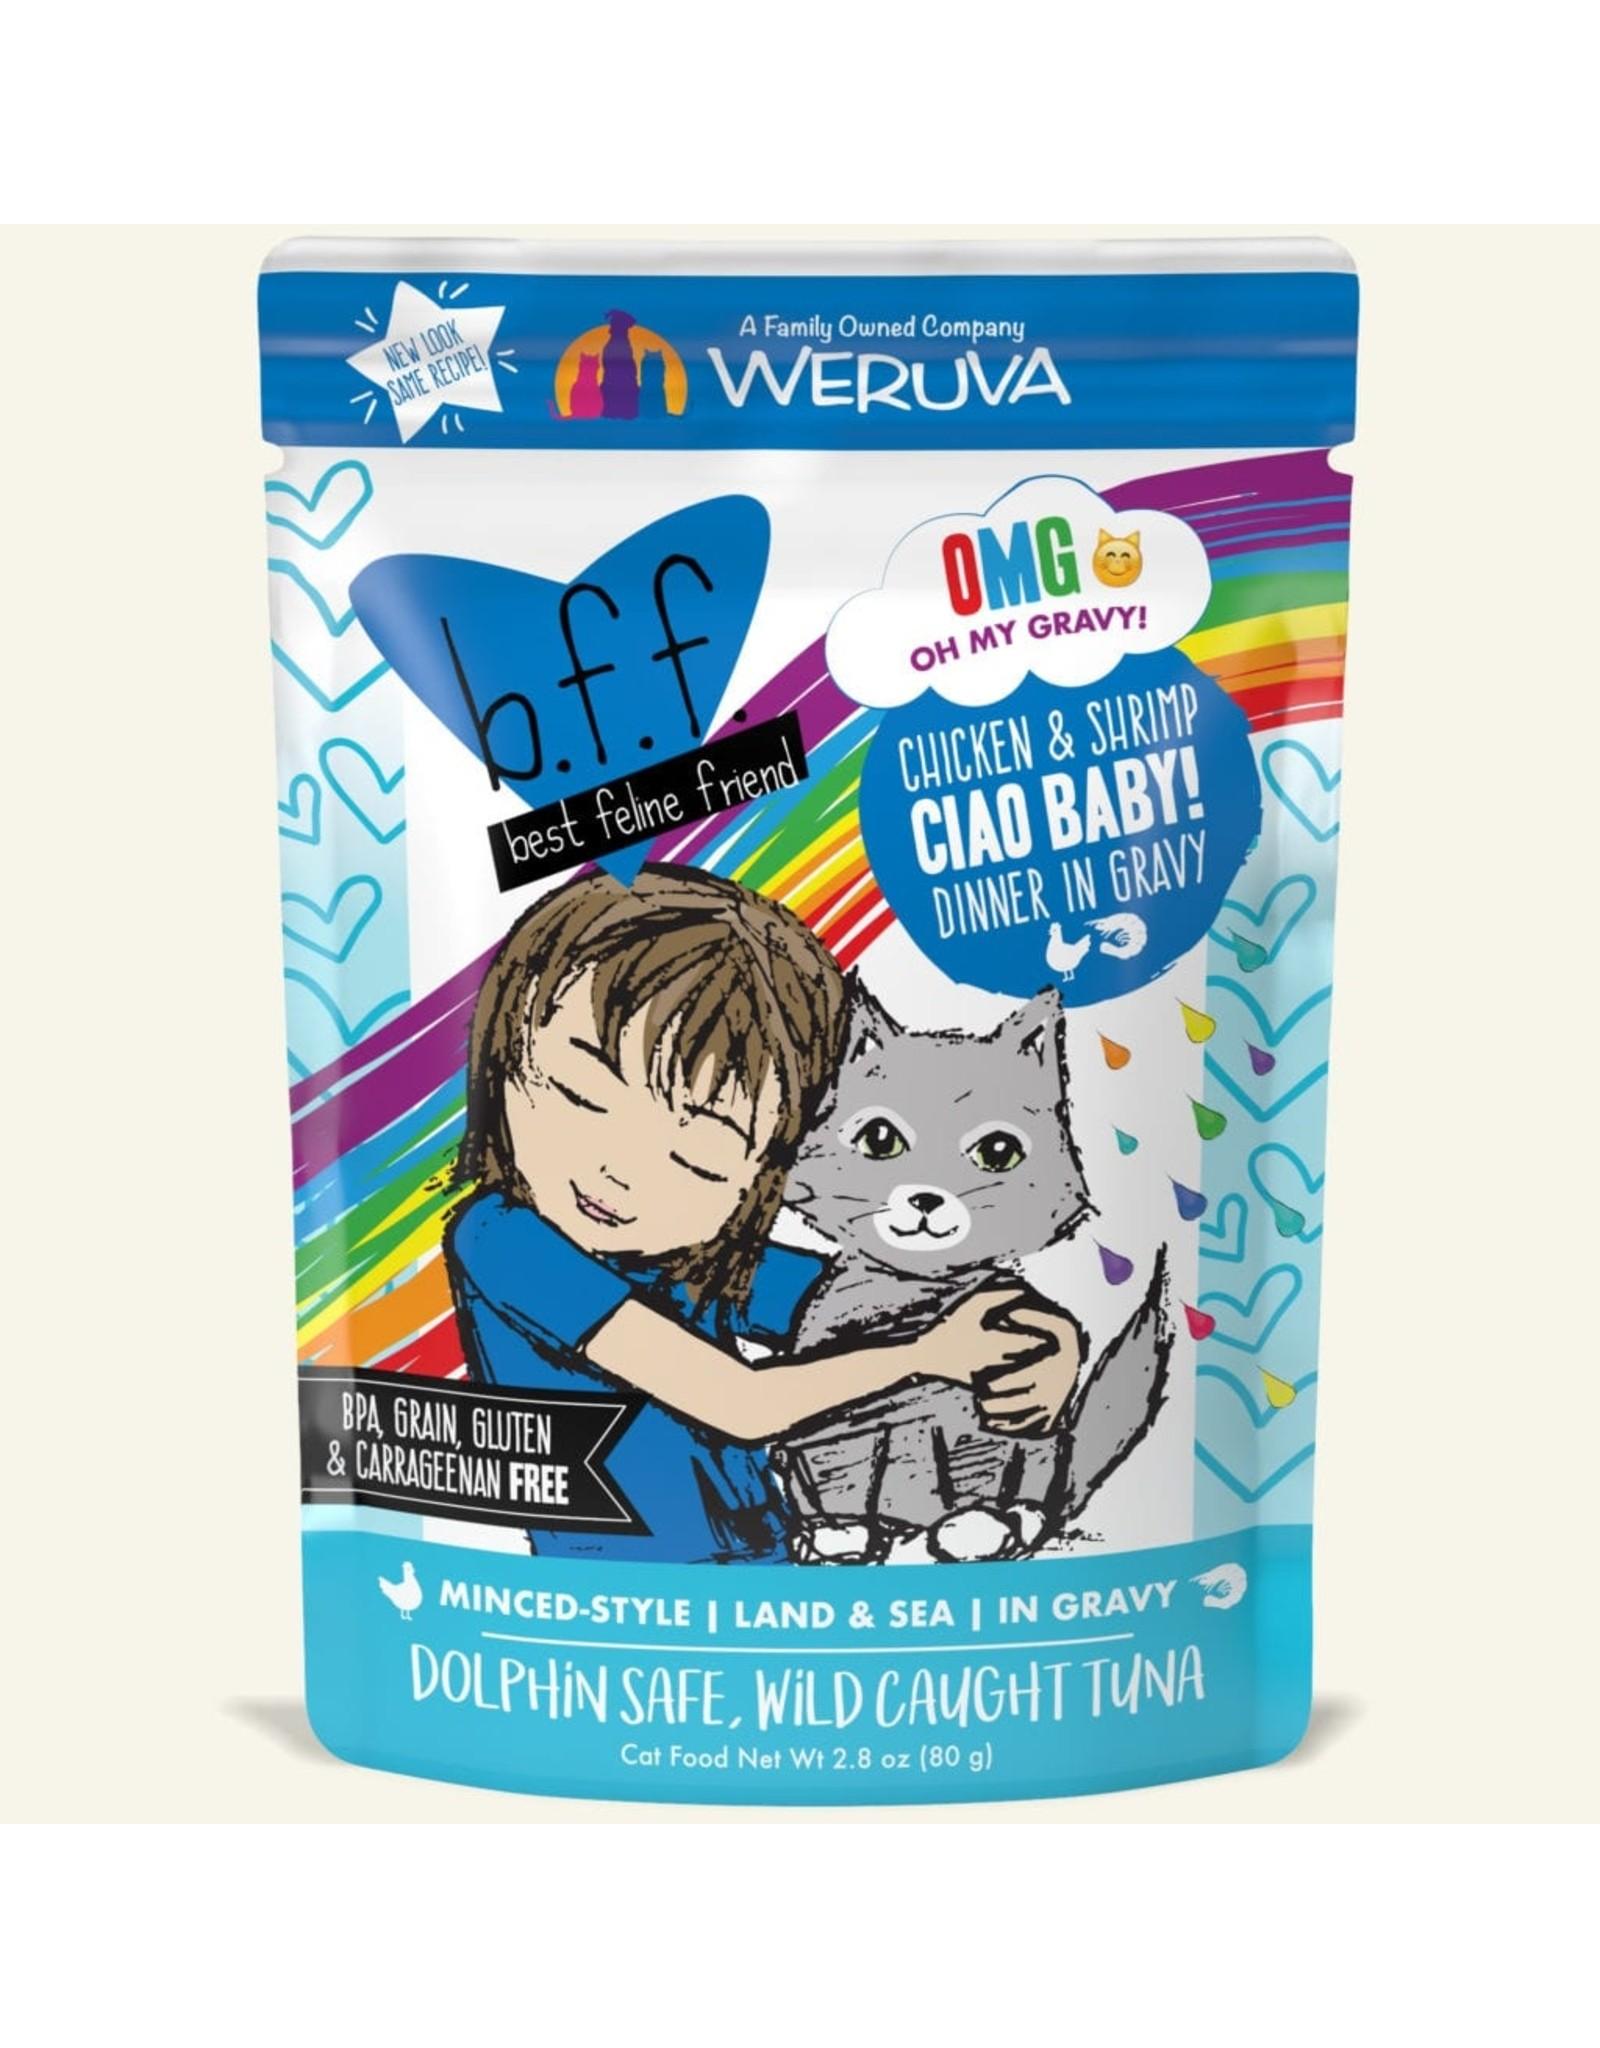 Weruva BFF Weruva B.F.F. OMG Best Feline Friend Oh My Gravy Wet Cat Food Ciao Baby! Chicken & Shrimp Dinner in Gravy 2.8oz Pouch